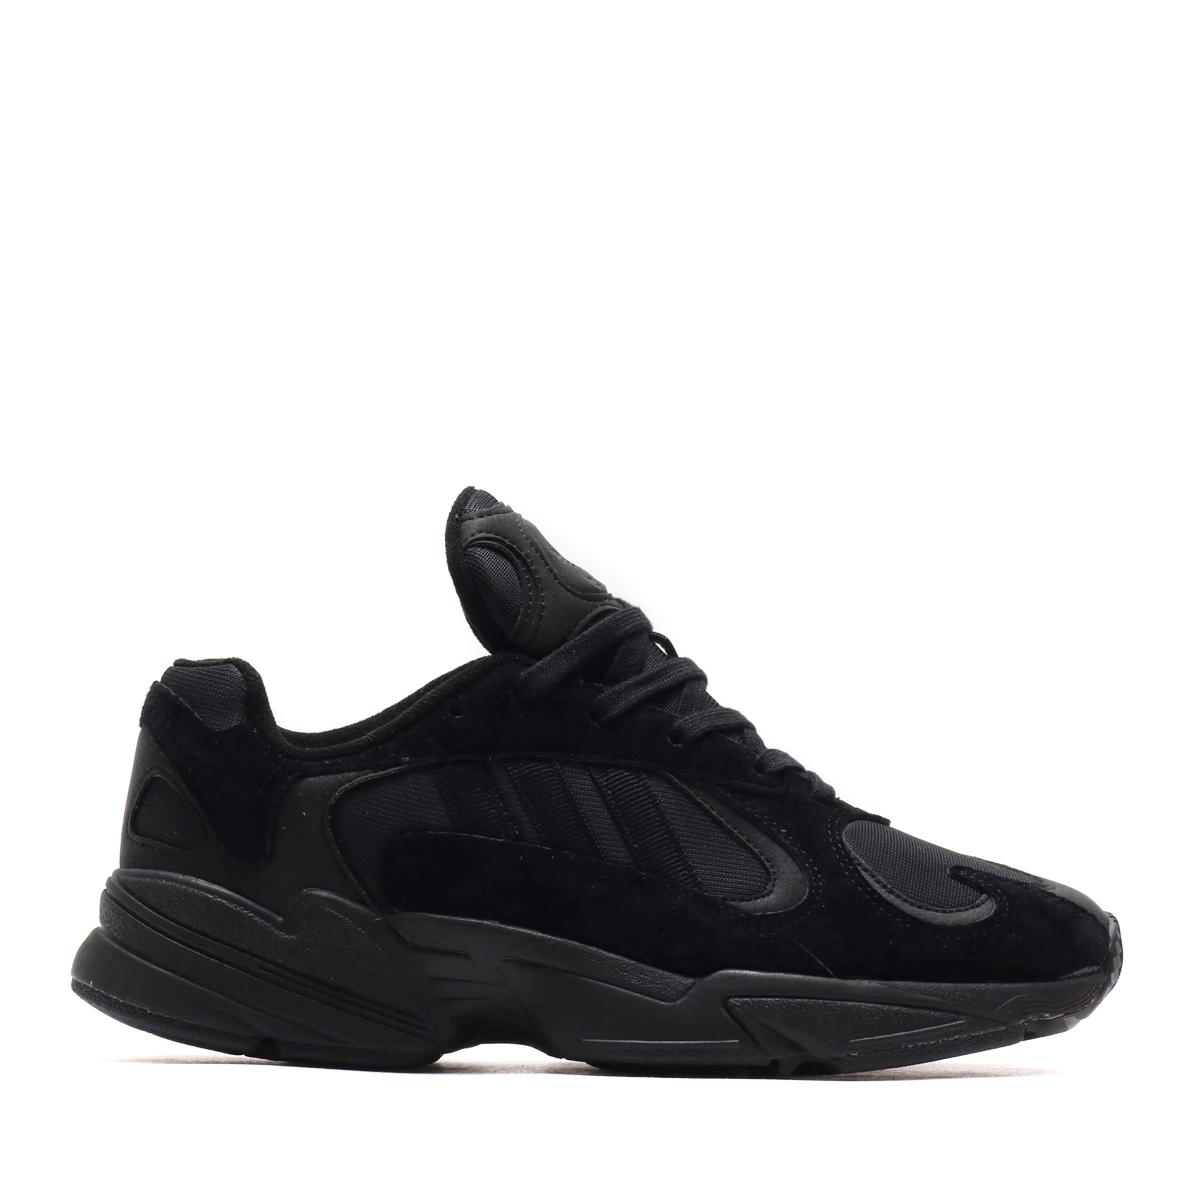 6c230a8d5cf1 adidas Originals YUNG-1 (Adidas originals young people 1) CORE BLACK CORE  BLACK CARBON 18FW-I